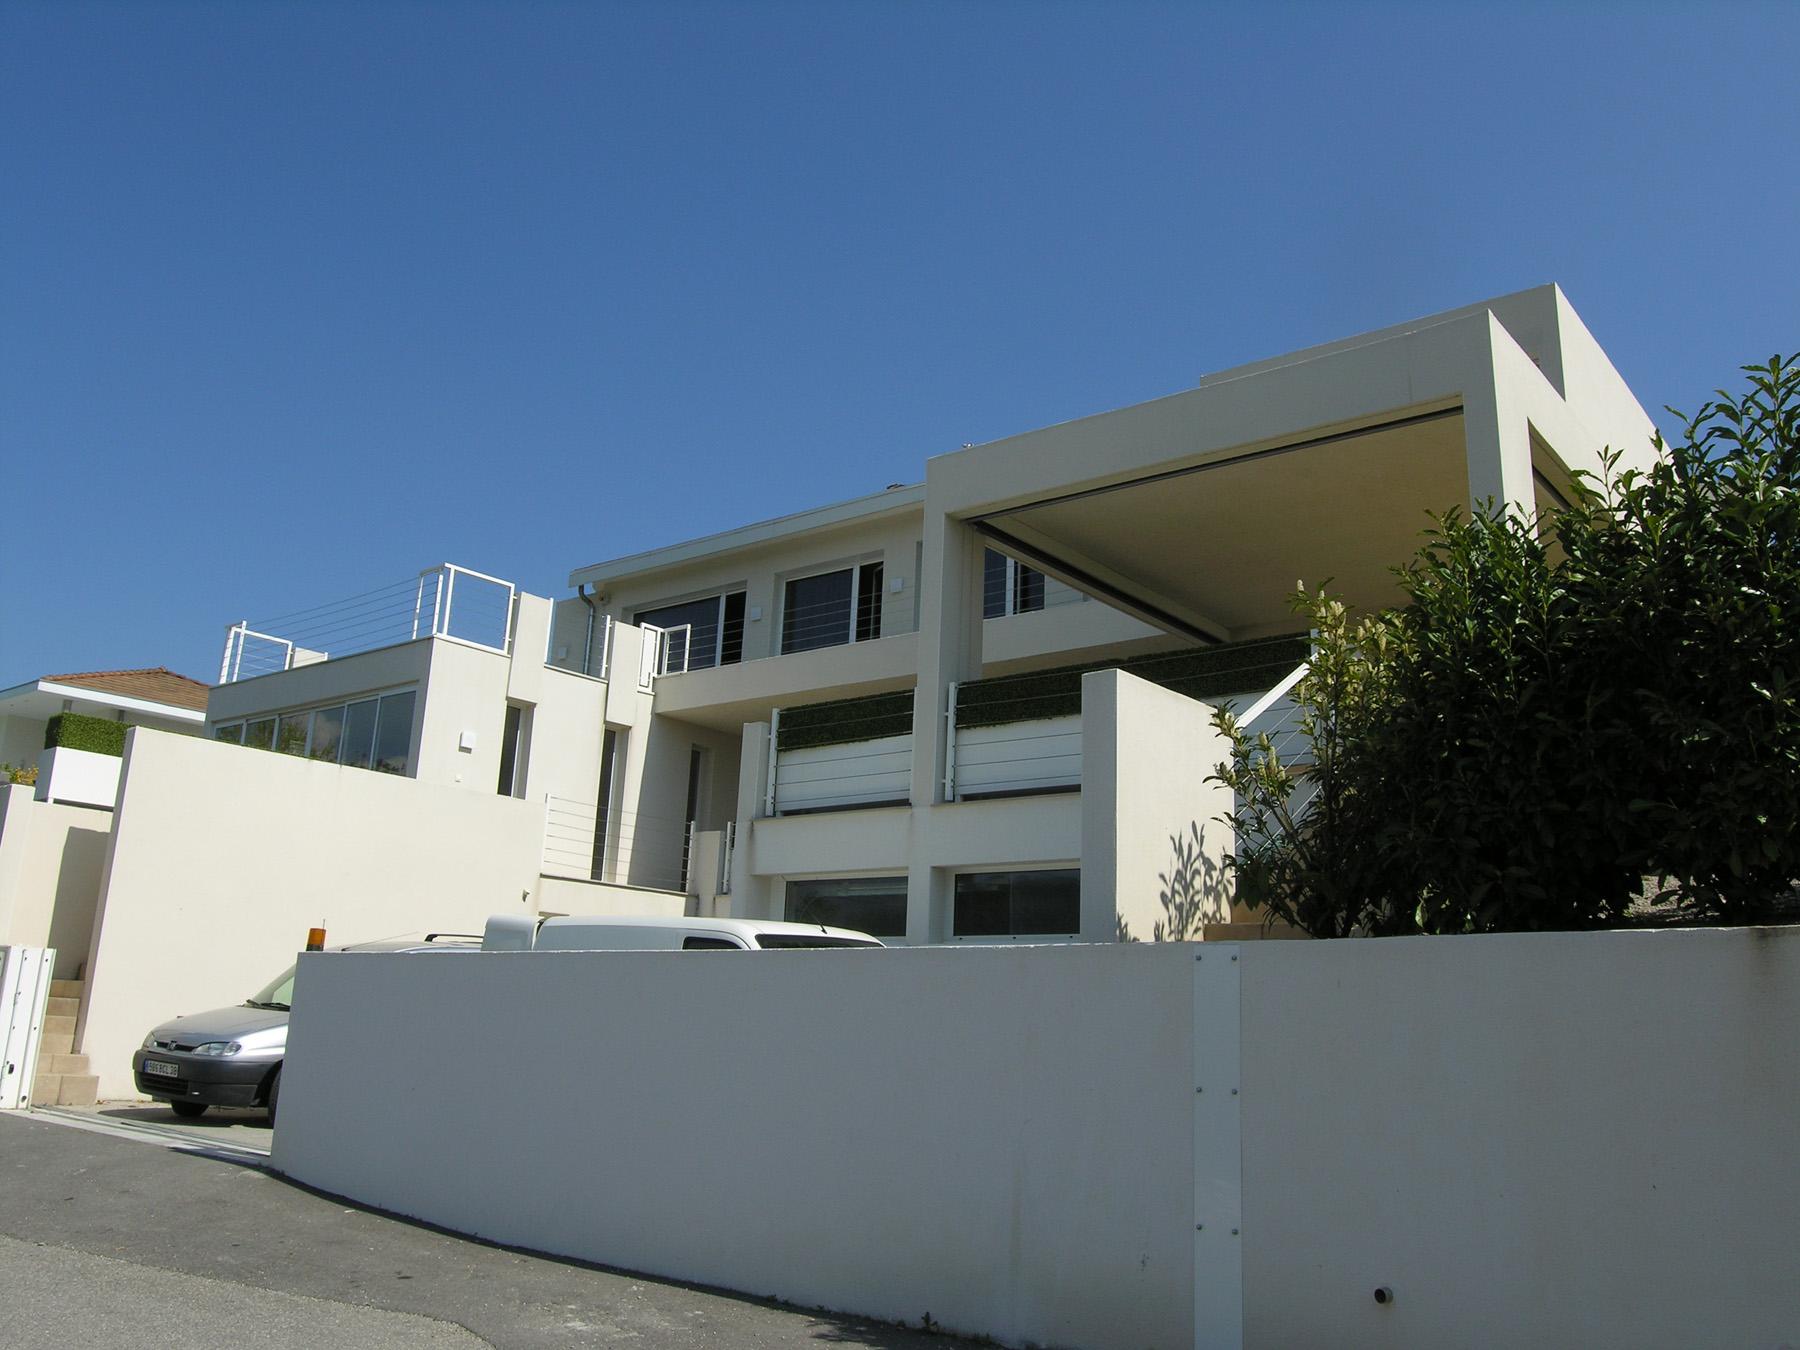 Janik architecte maison individuelle bri et angonnes 1 - Architecte grenoble maison individuelle ...